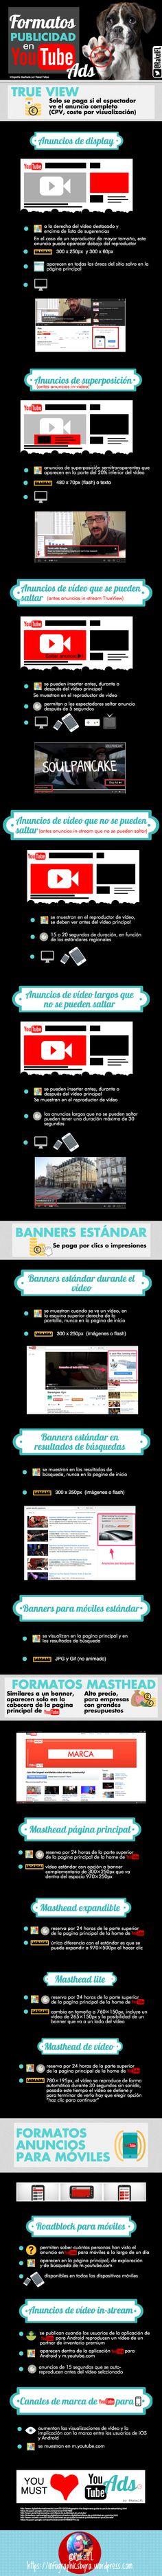 Formatos de publicidad en Youtube, infografía de Rakel Felipe